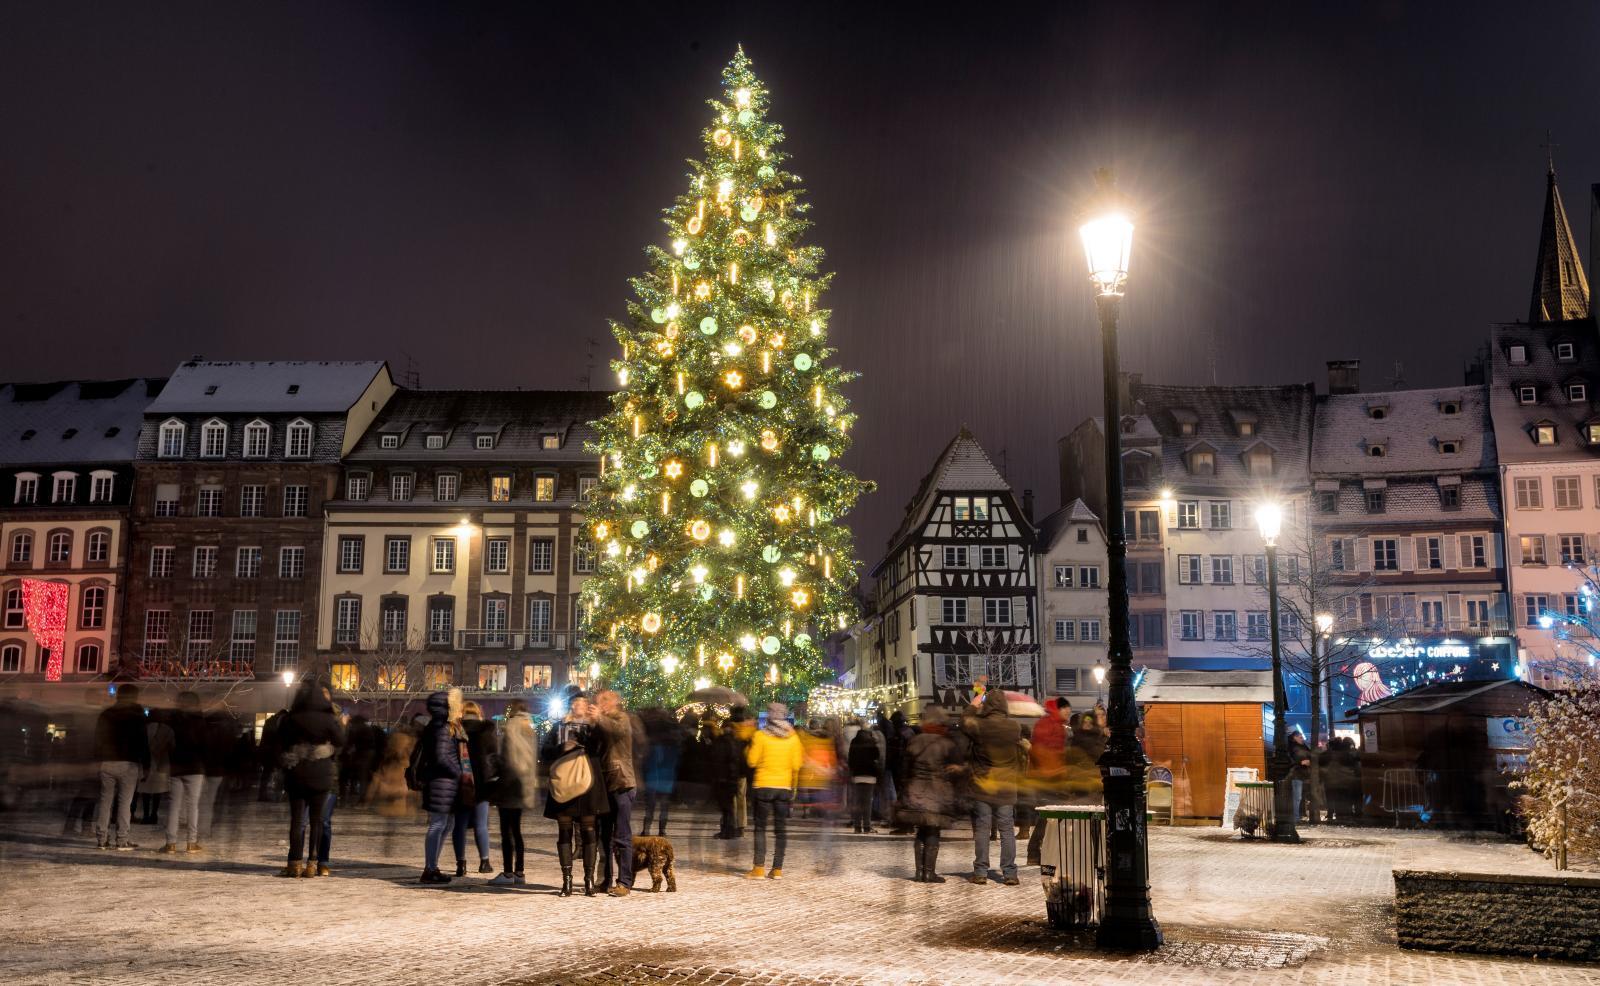 """""""สตราส์บูร์ก"""" ตลาดคริสต์มาสของฝรั่งเศสหลังเหตุกราดยิง"""